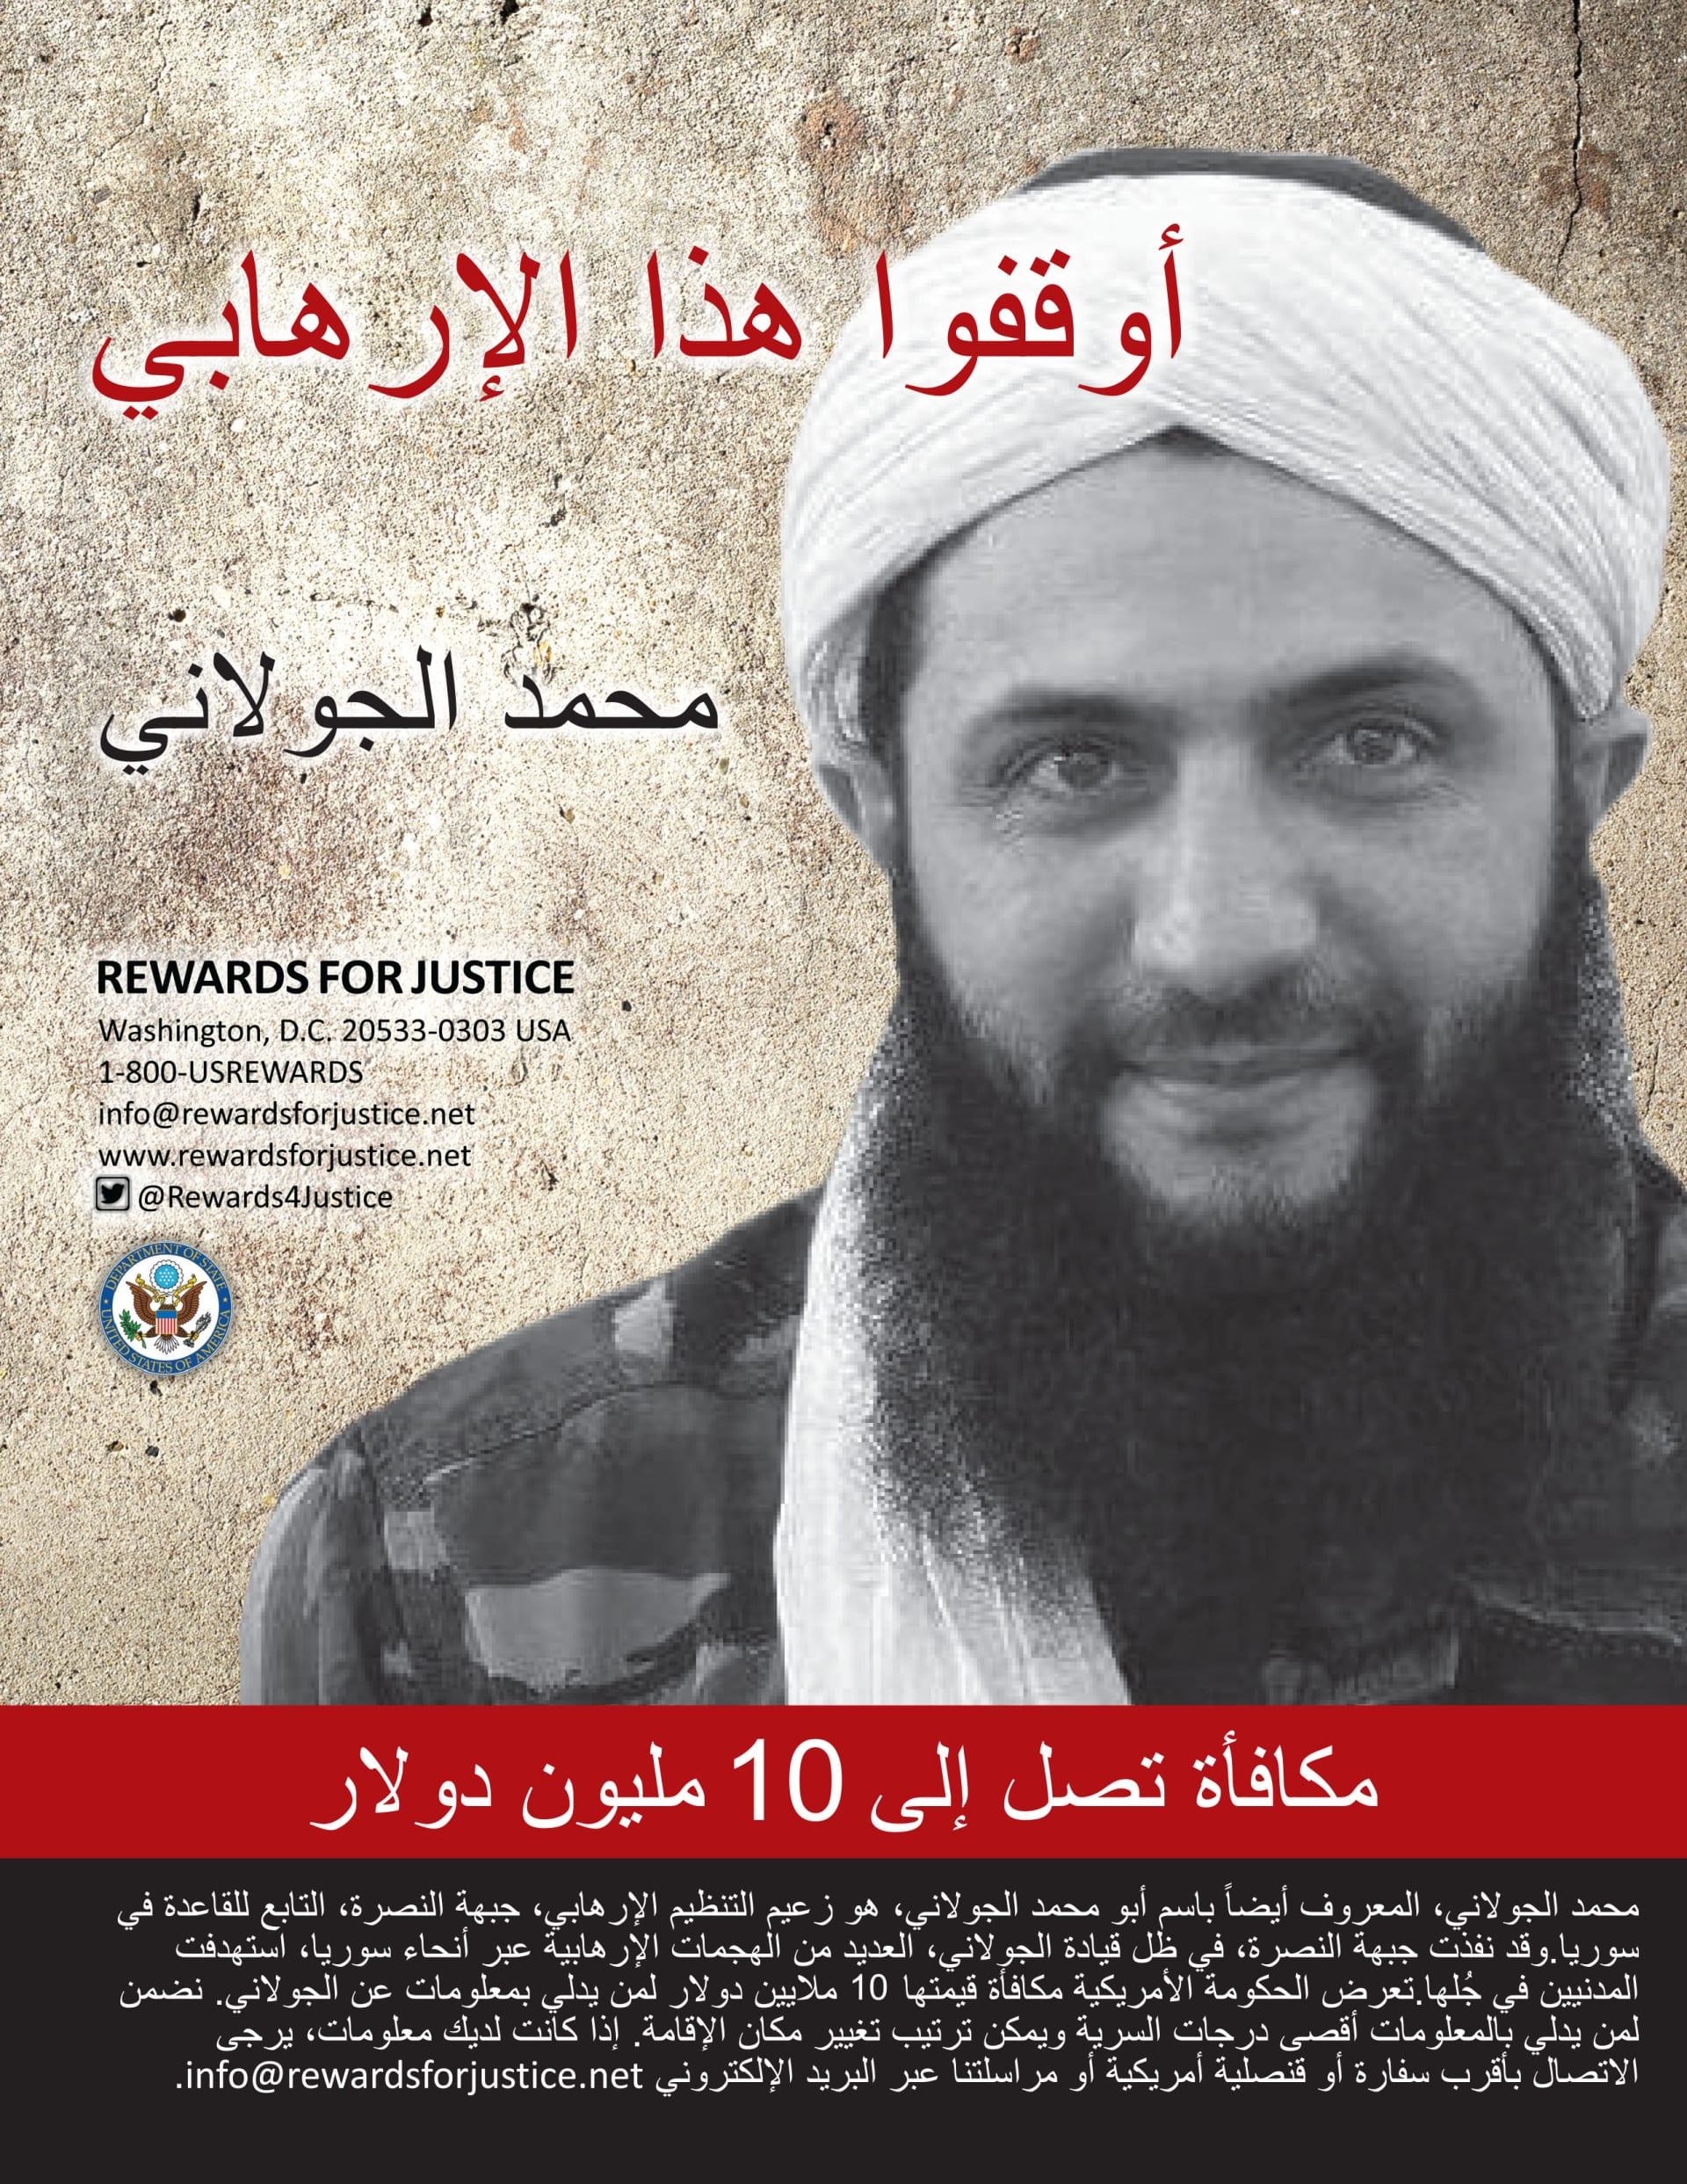 أمريكا تعرض 10 ملايين دولار لمن يكشف موقع الجولاني زعيم النصرة